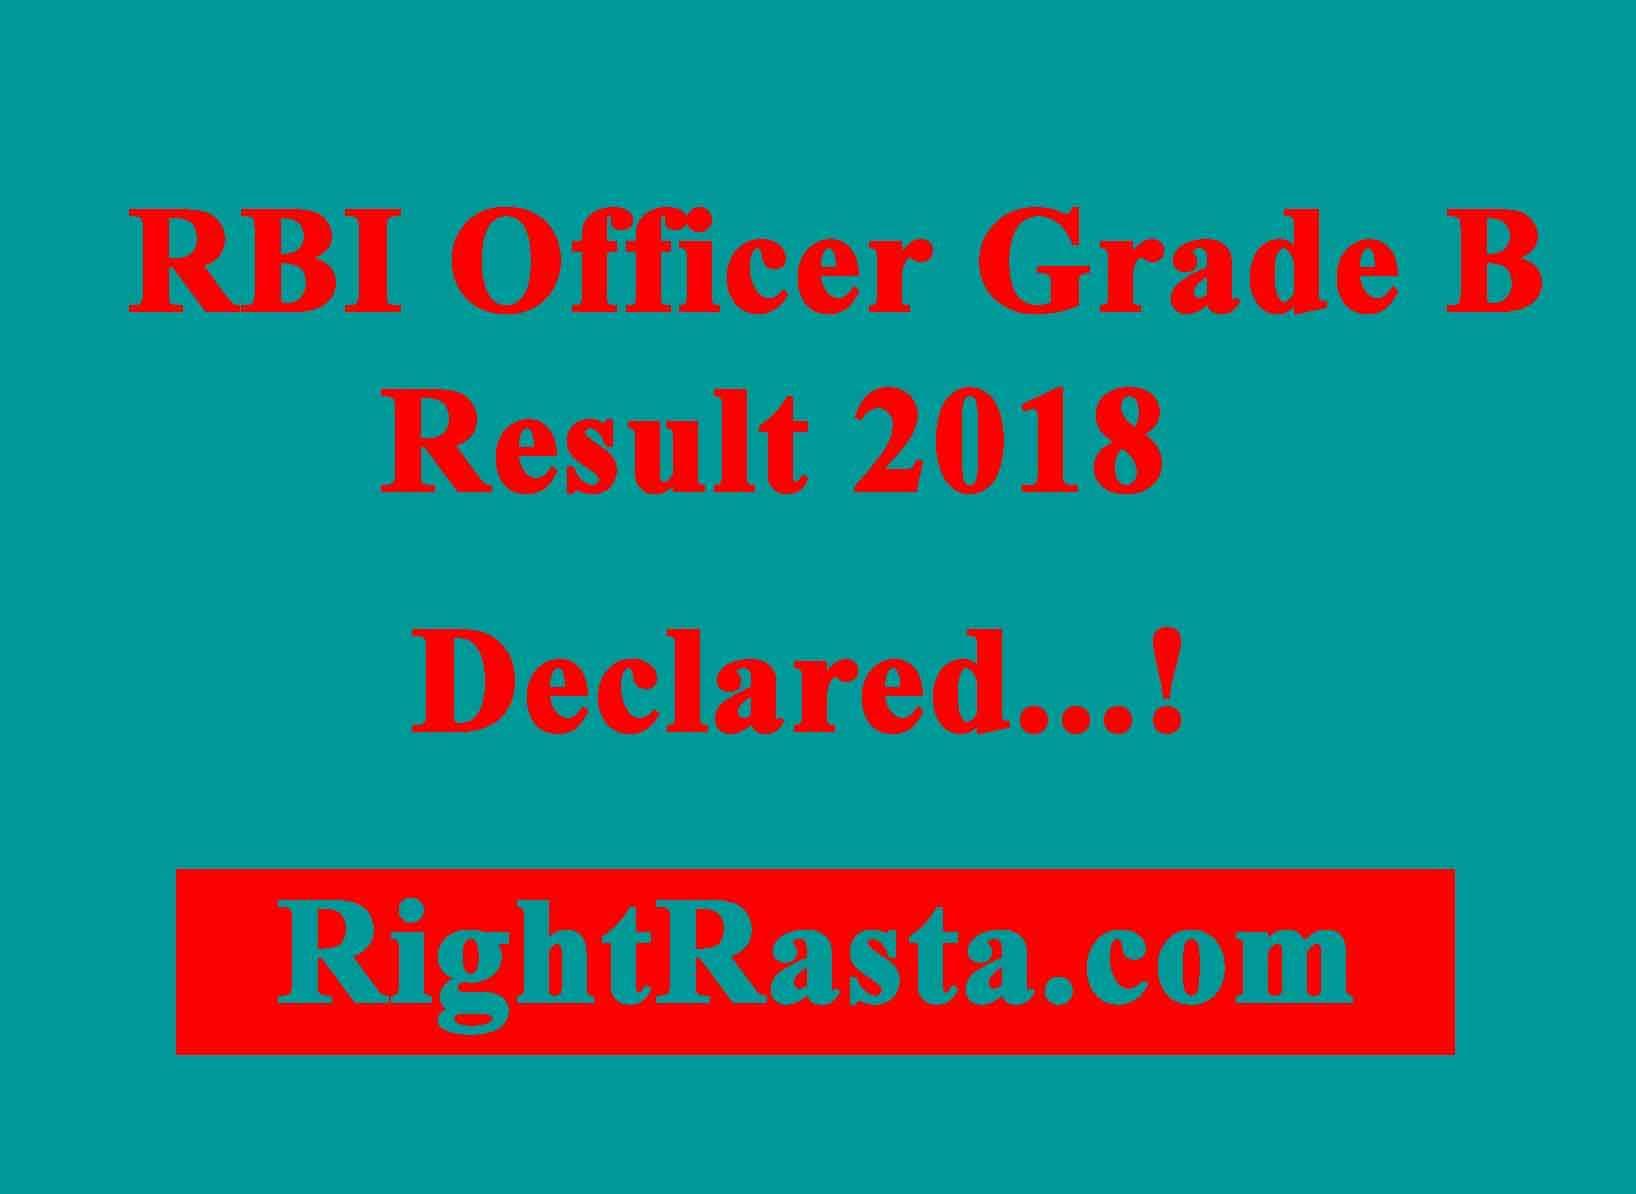 RBI Officer Grade B Result 2018